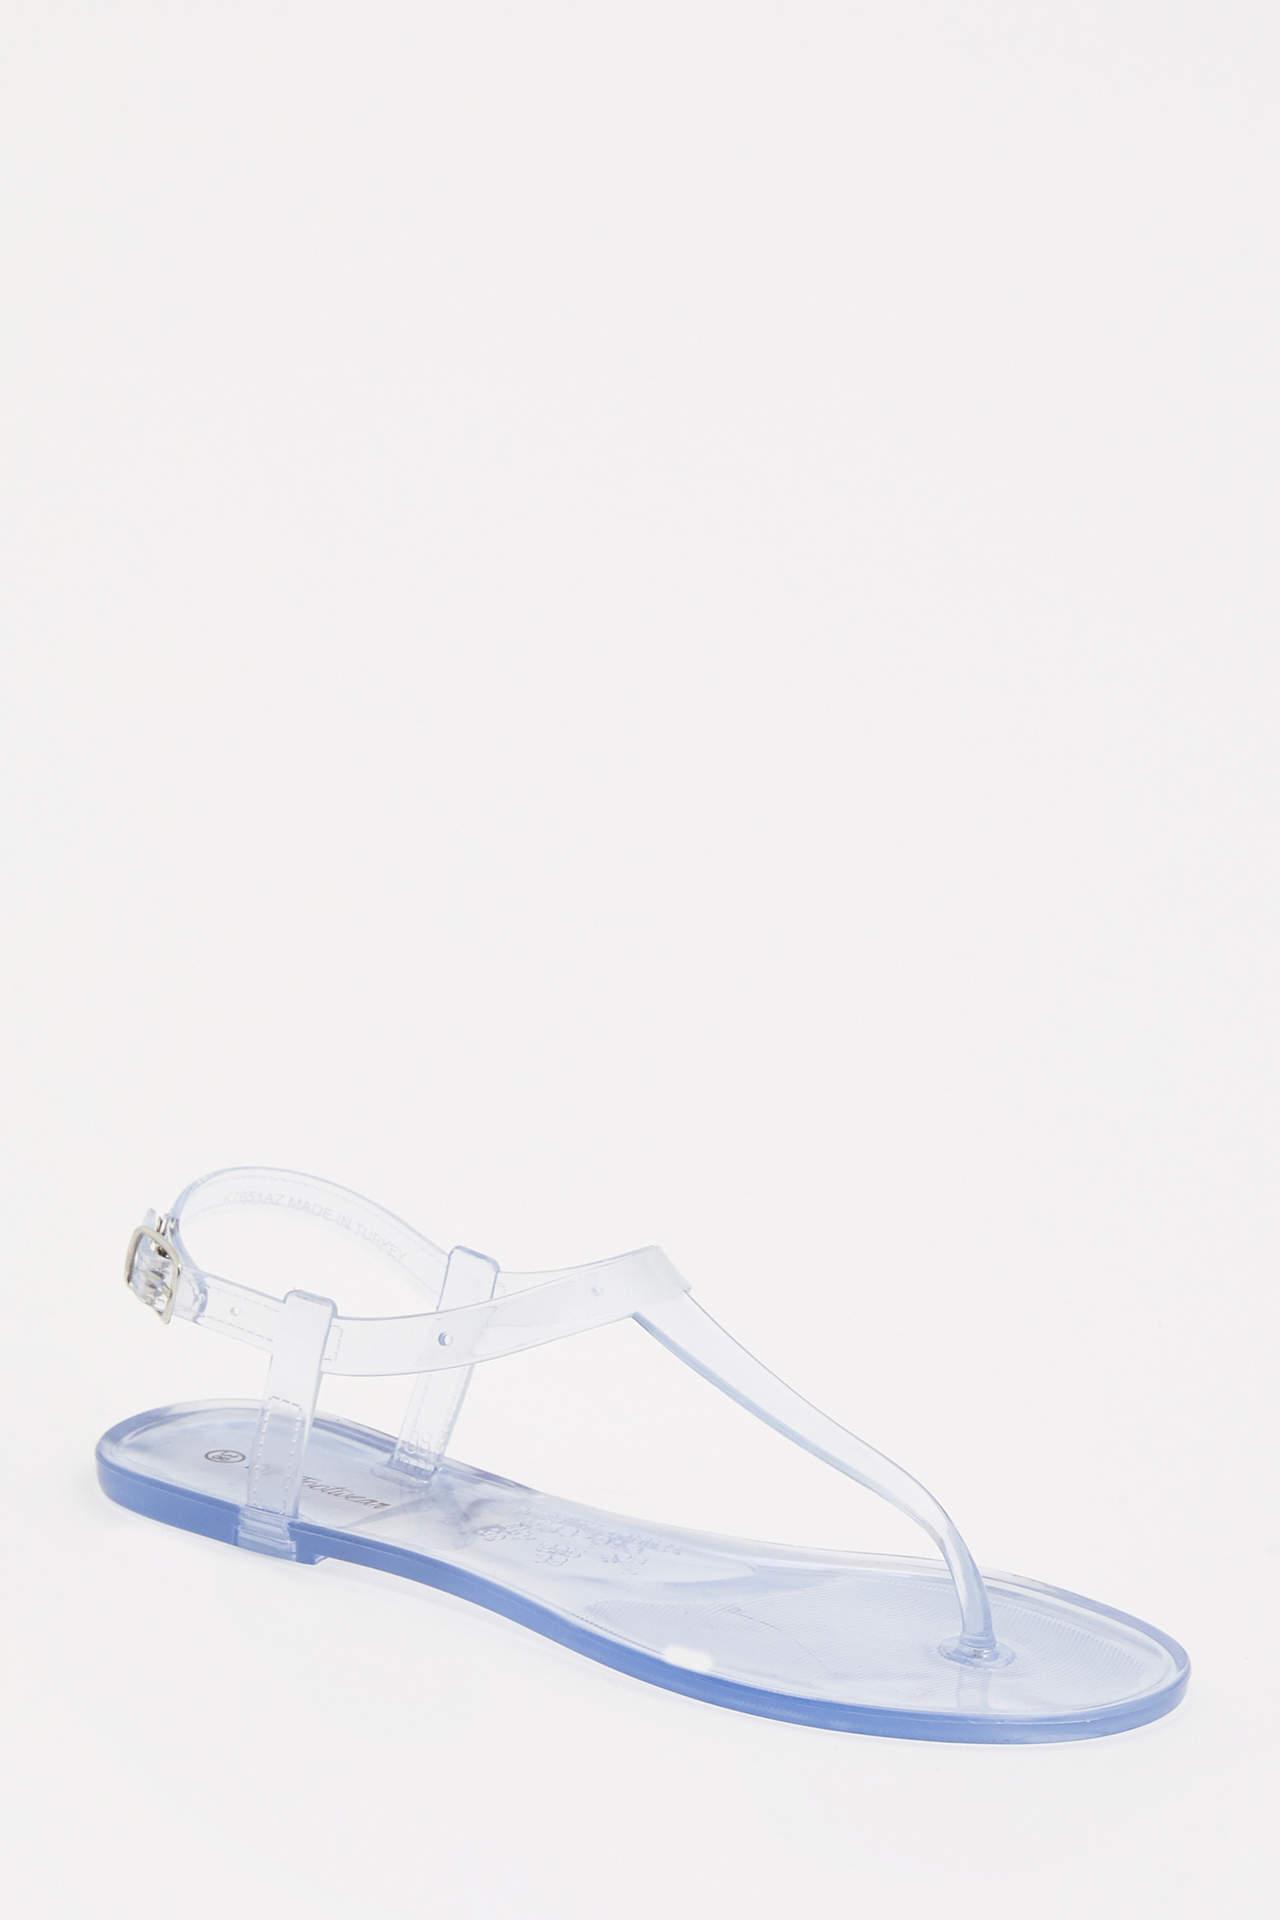 Defacto Kadın Jelly Sandalet